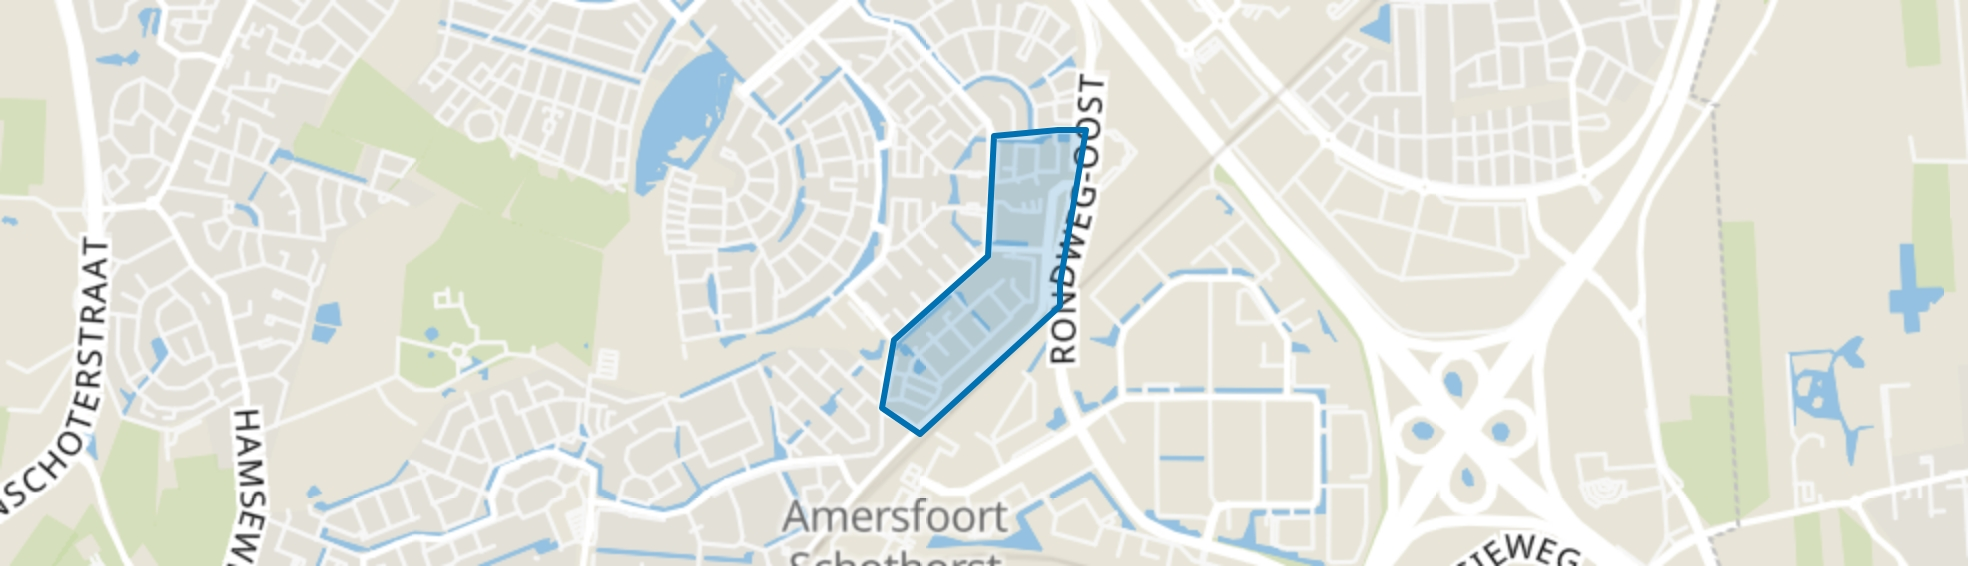 Erasmusstraat, Amersfoort map